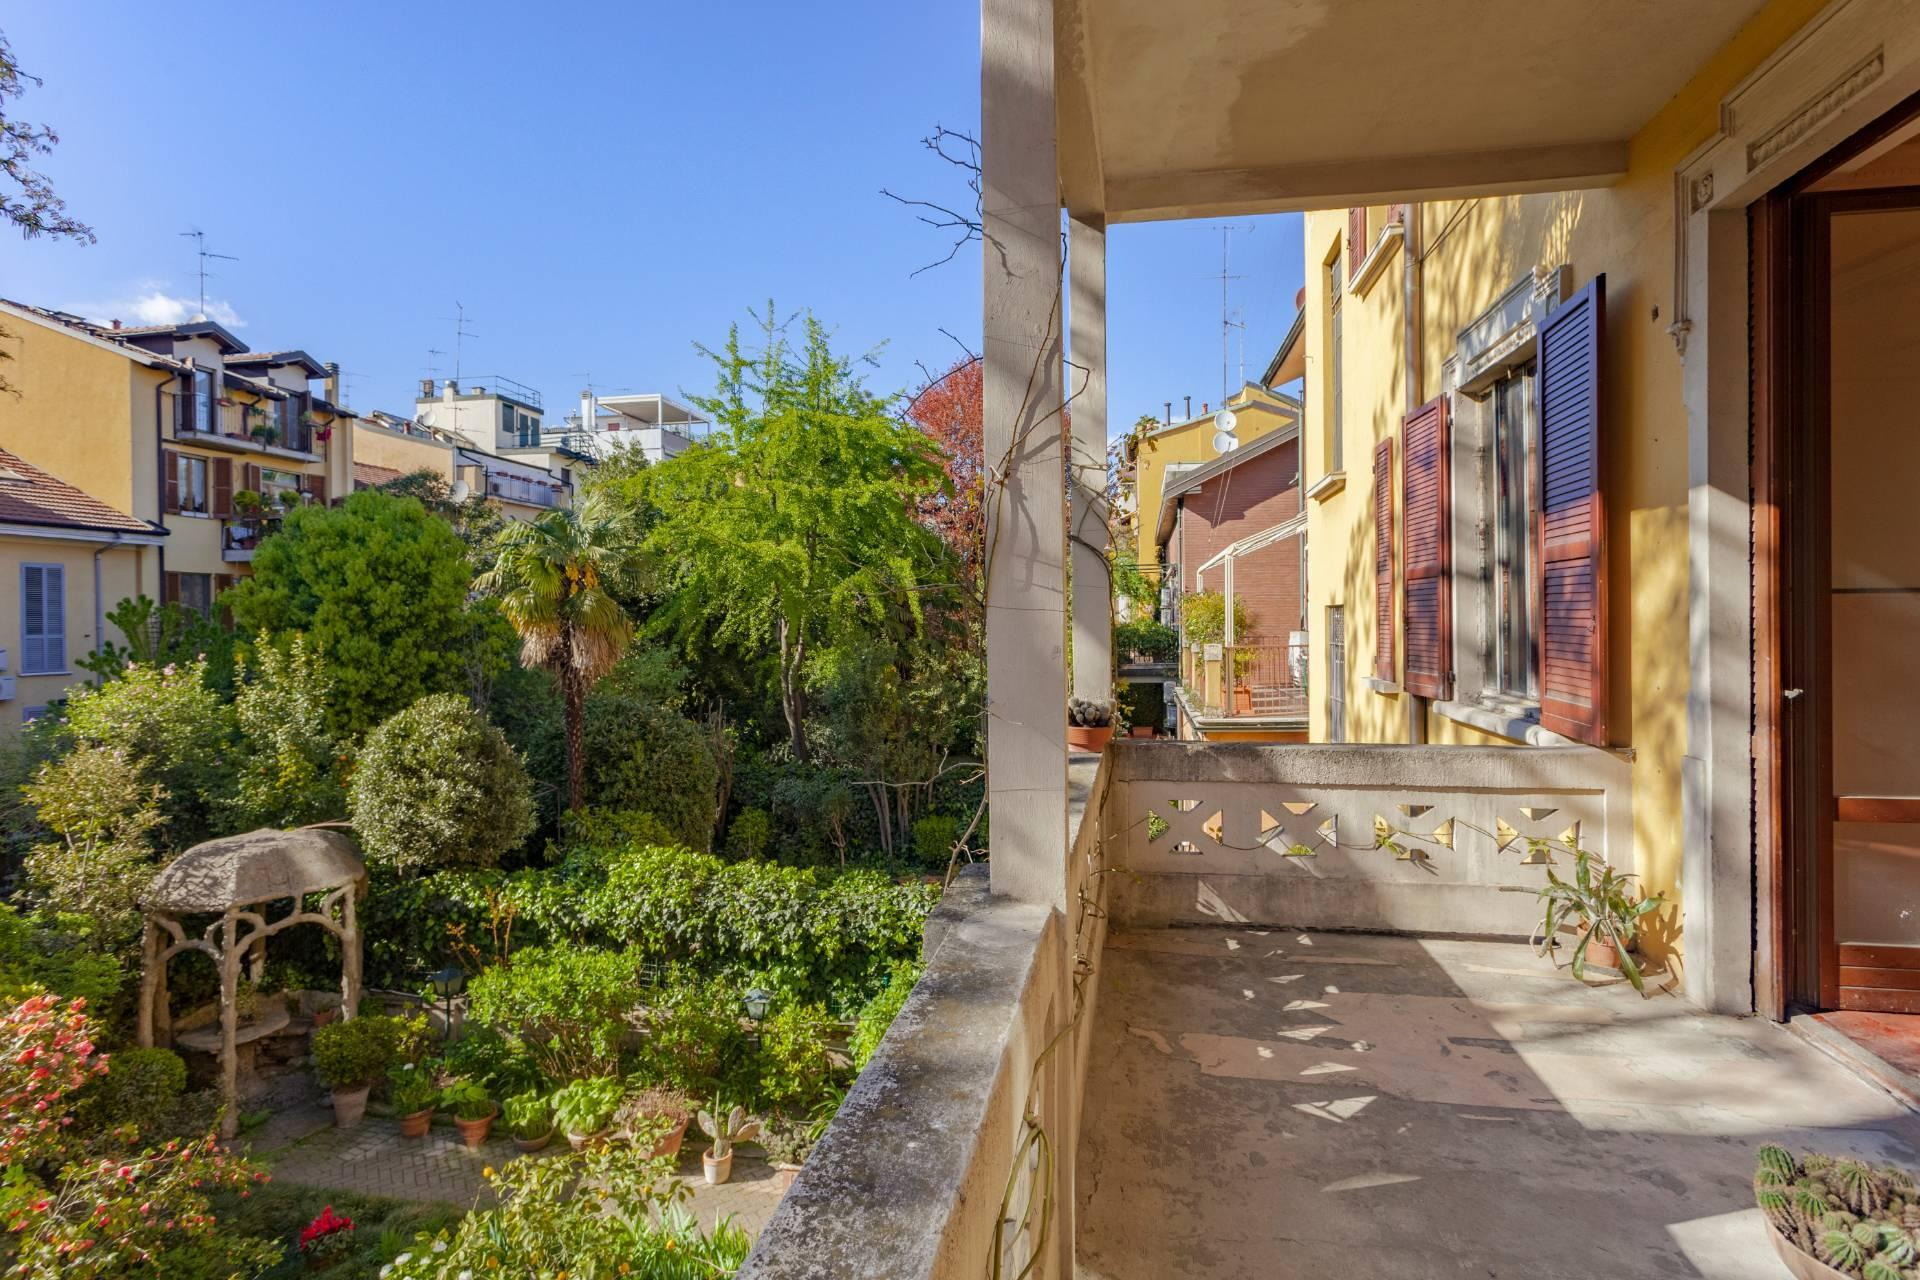 Elegant residence overlooking a lush flower garden - 5